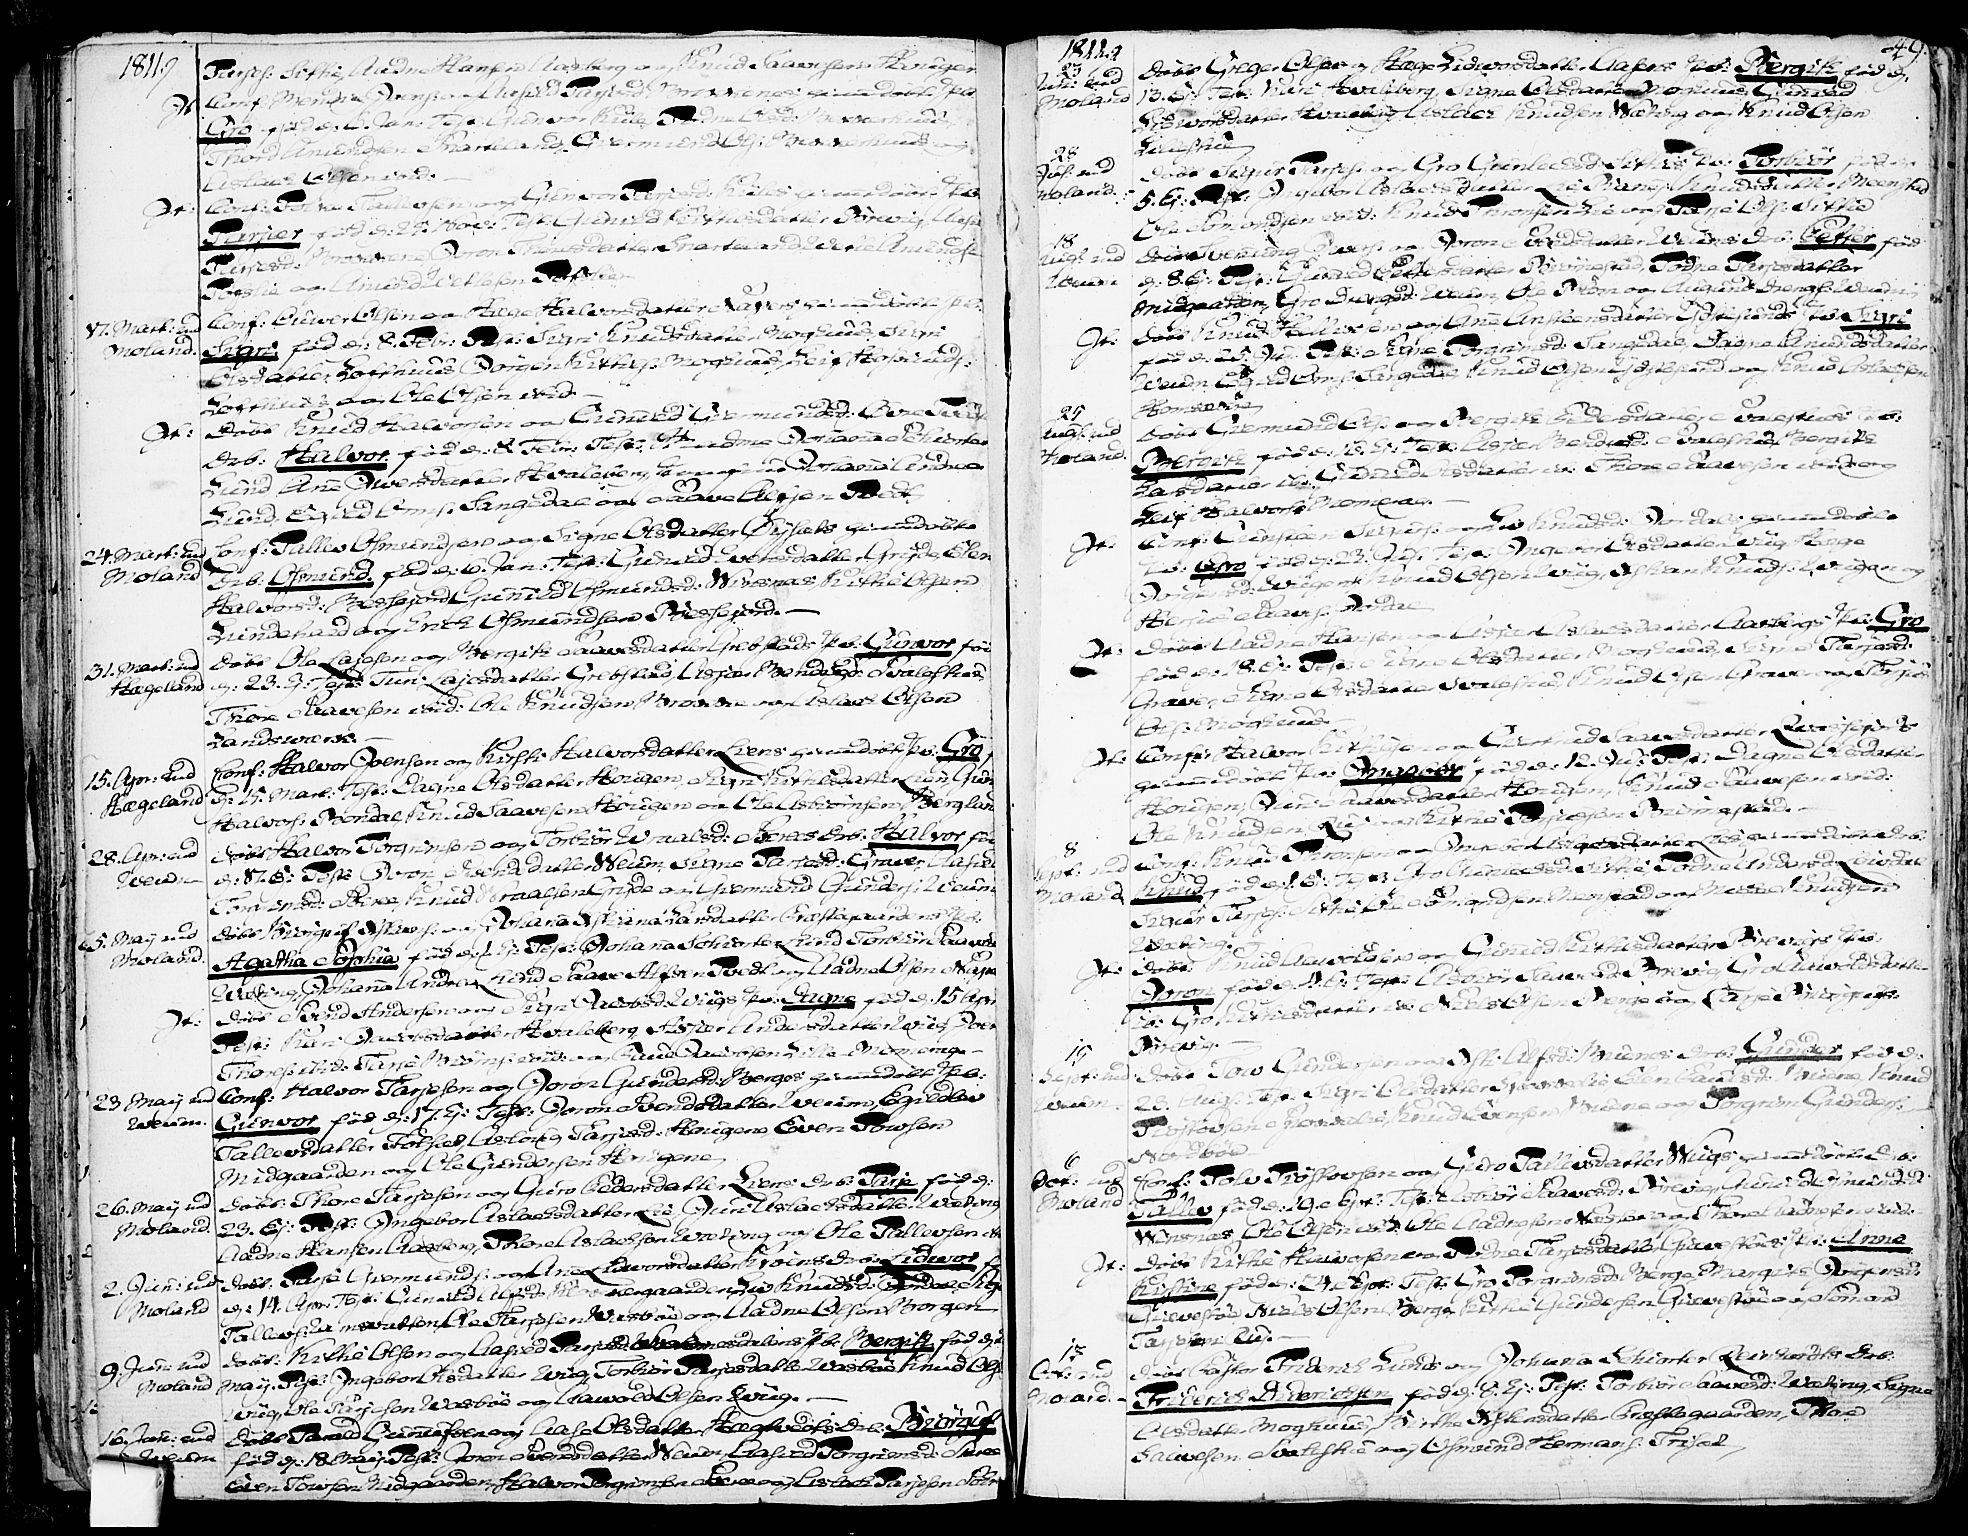 SAKO, Fyresdal kirkebøker, F/Fa/L0002: Ministerialbok nr. I 2, 1769-1814, s. 49